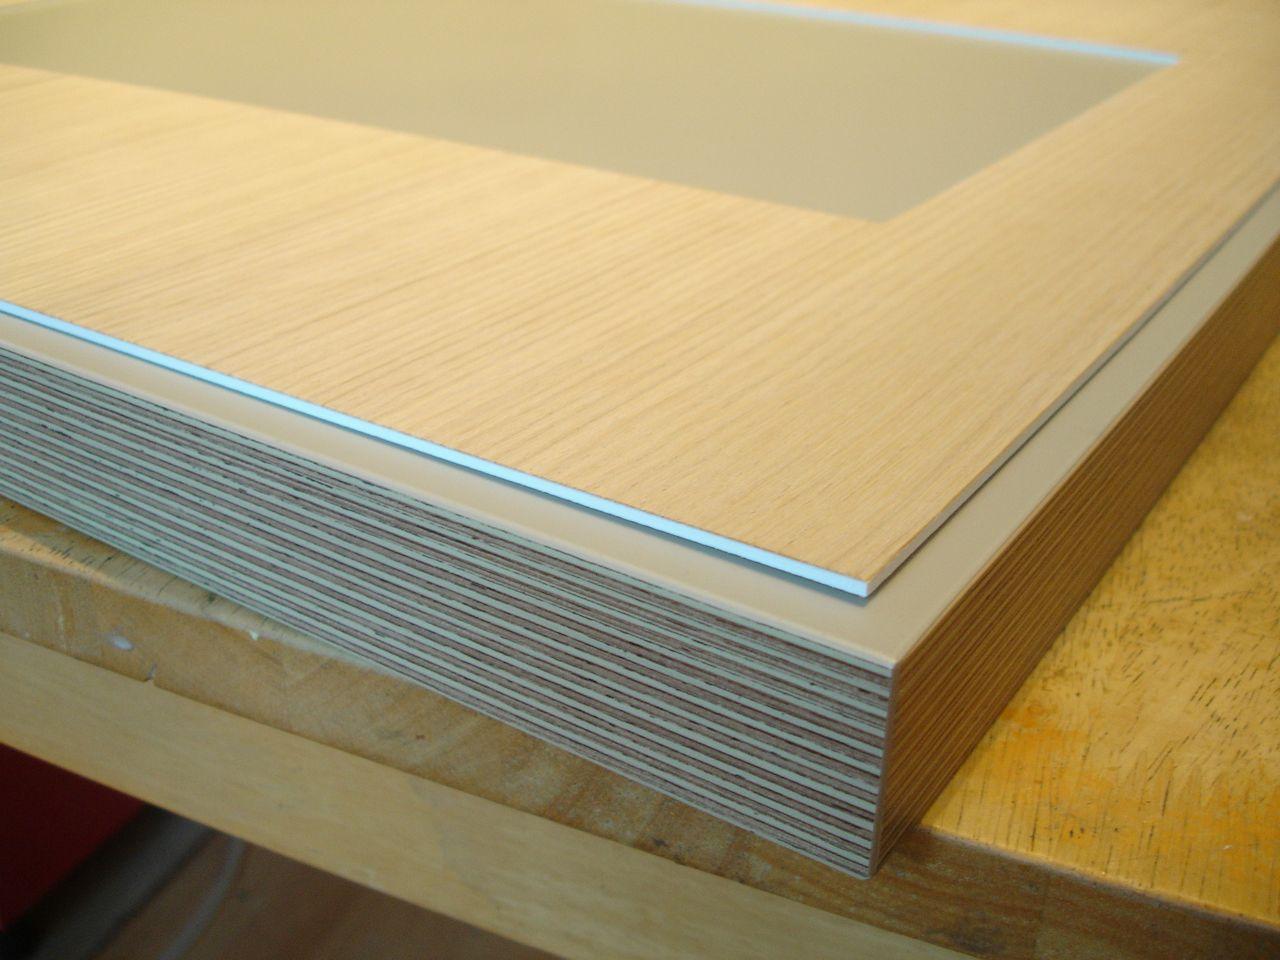 David Neat model-maker, baseboard from IKEA